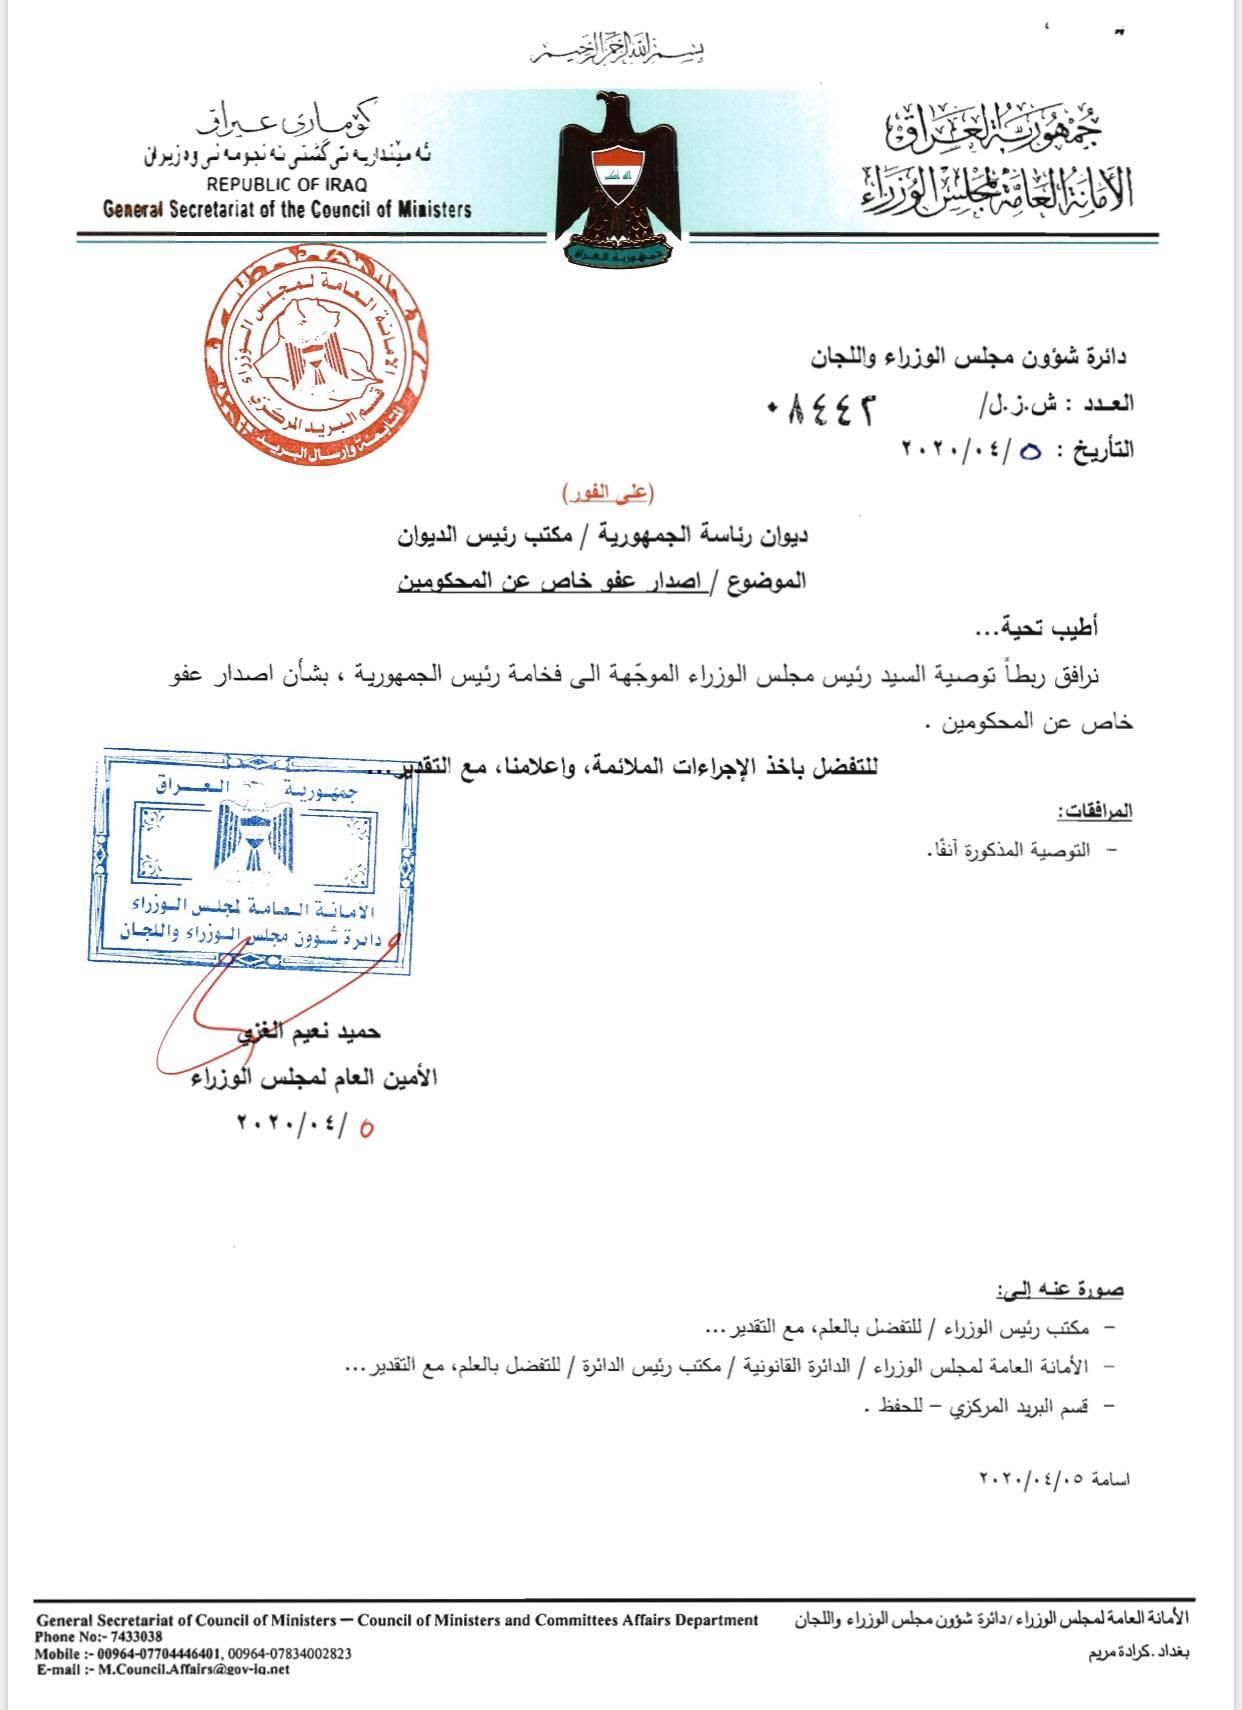 مقترح عبدالمهدي حول السجناء يواصل إثارة الجدل.. كتلة شيعية على خط المعترضين!